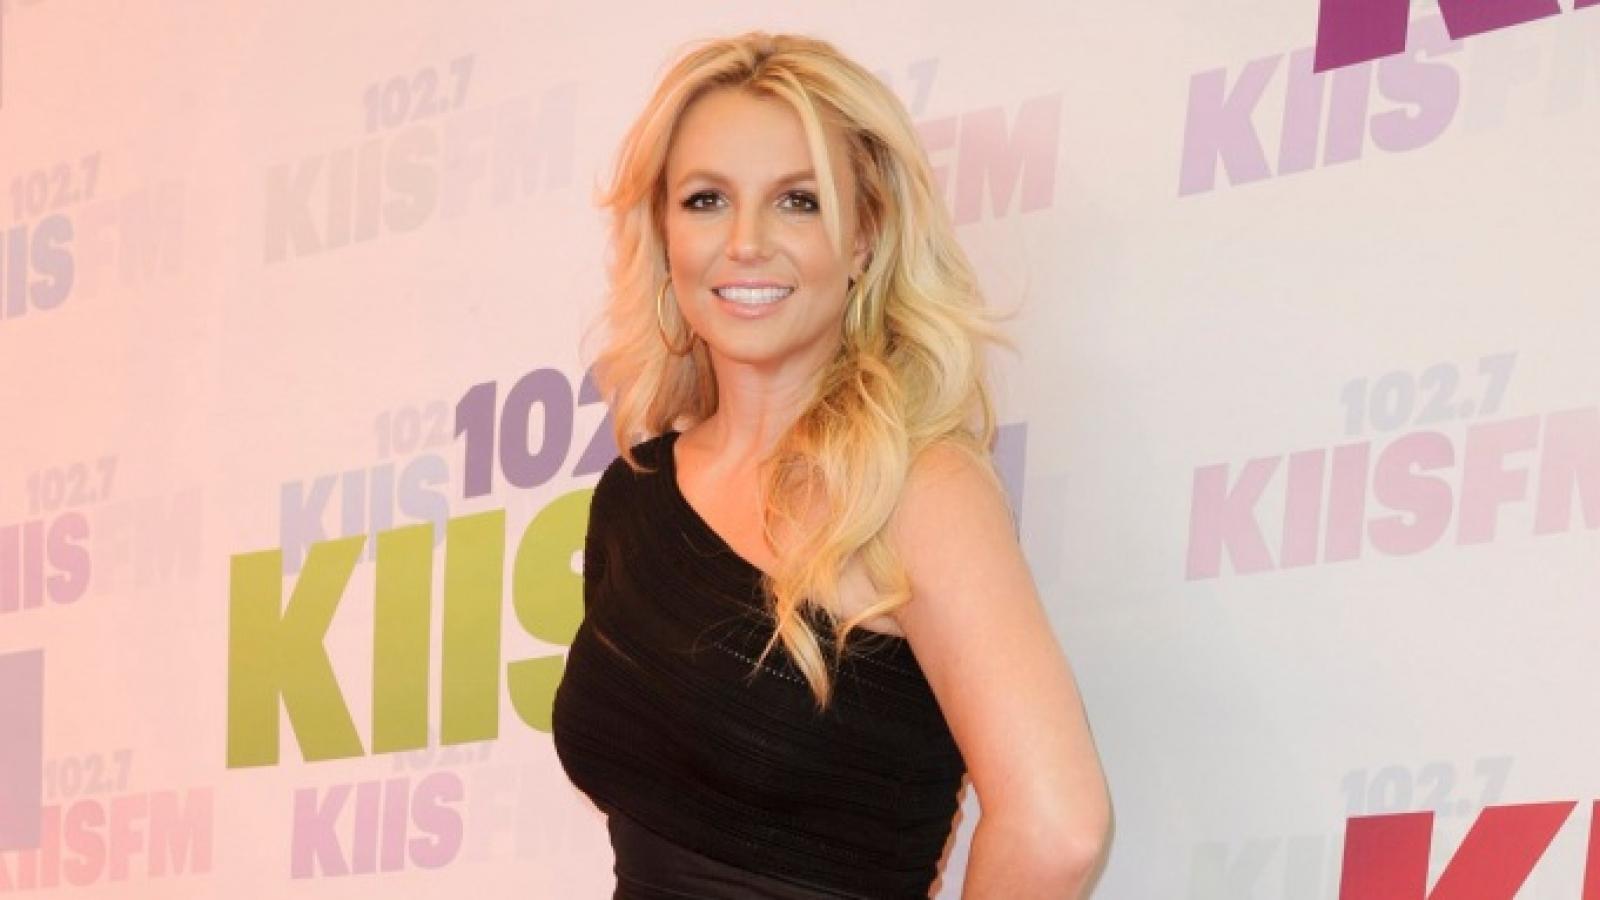 Netflix hé lộ tài liệu chưa từng được công bố về Britney Spears trong phim mới